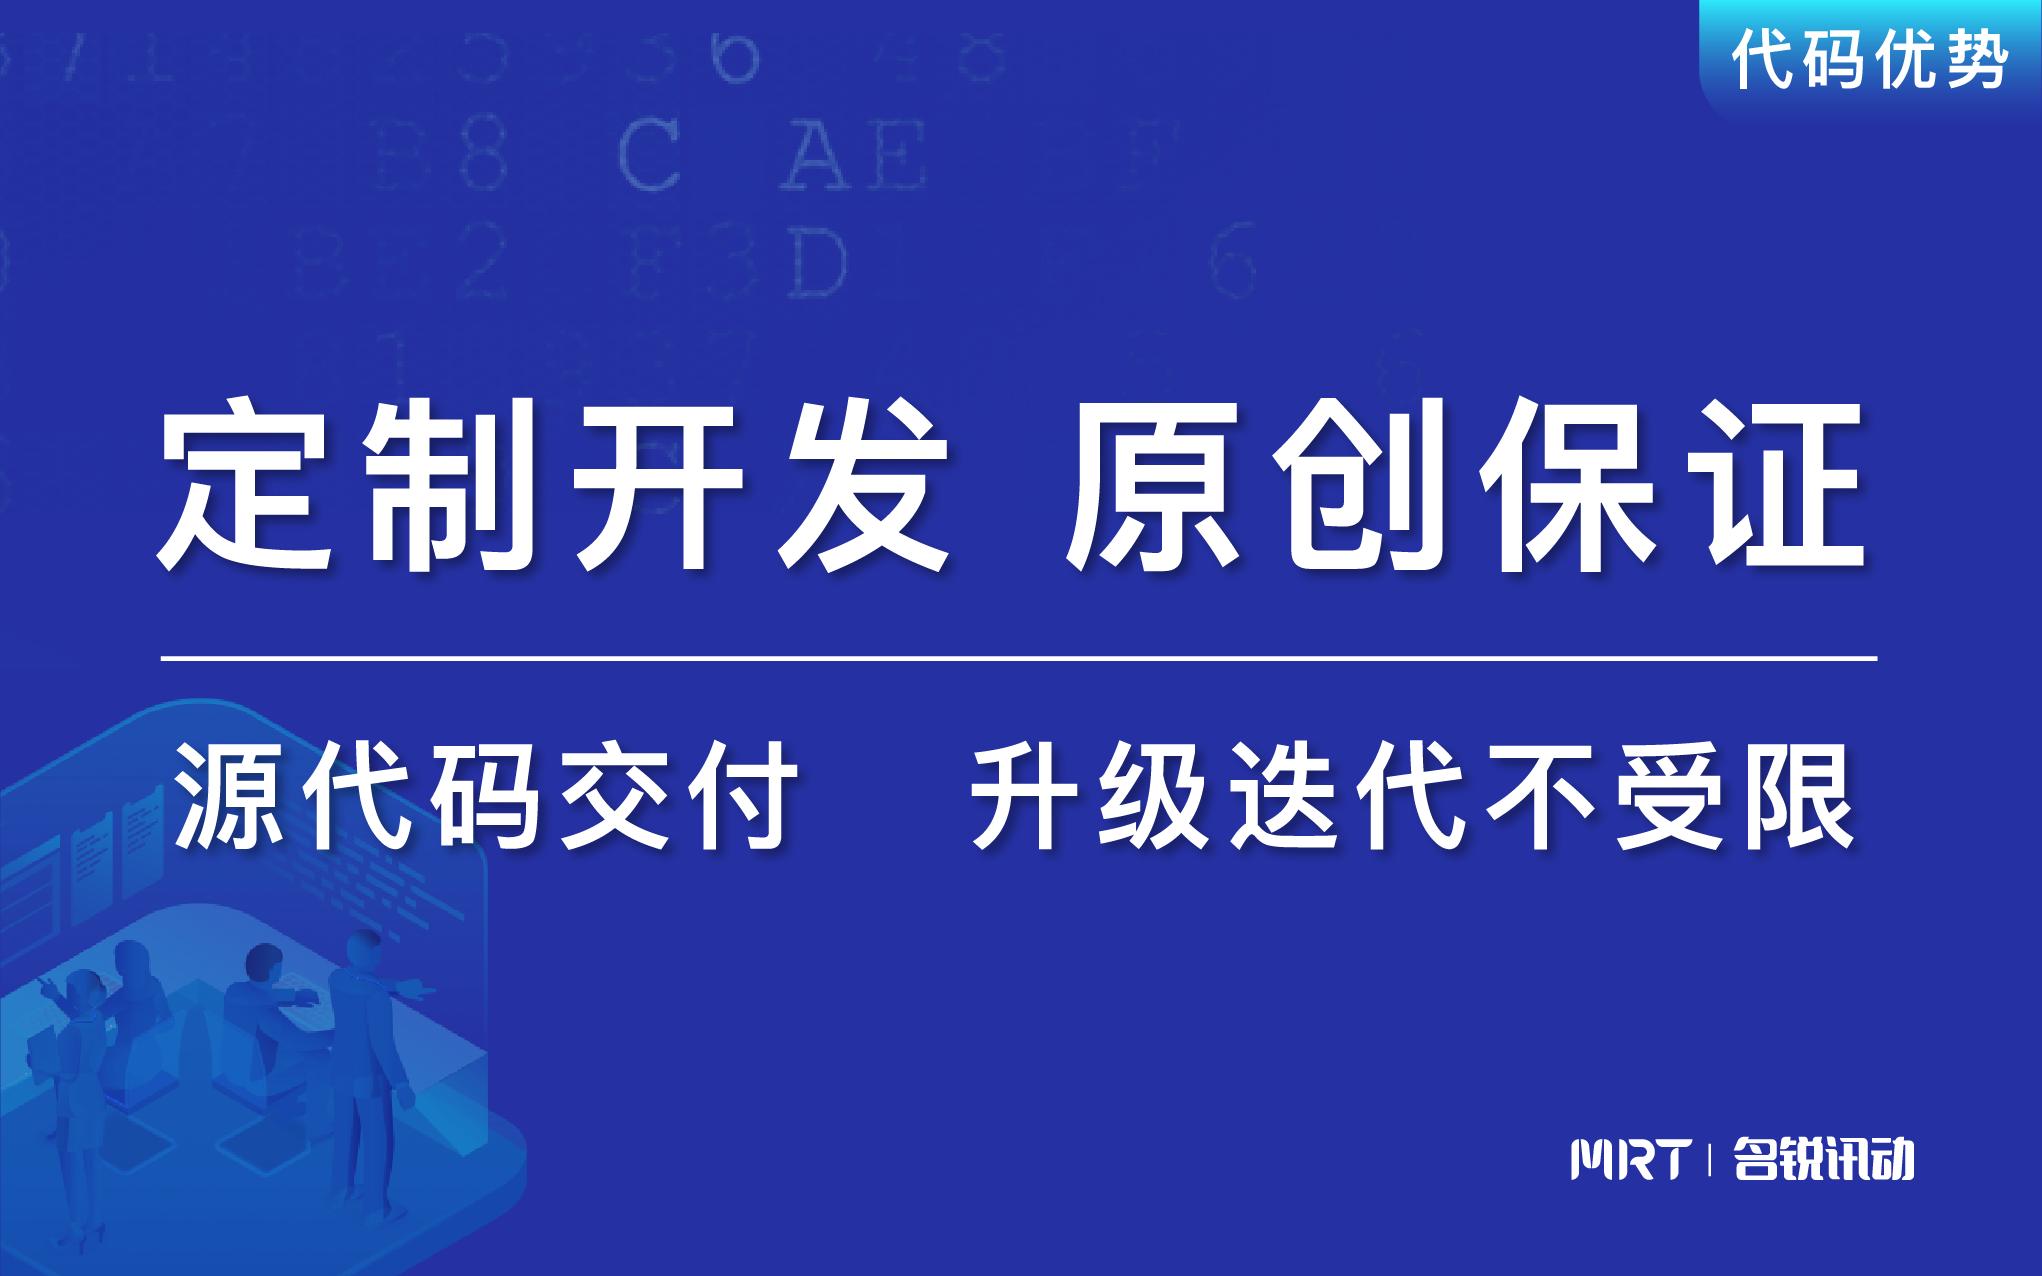 在线教育APP开发|教育培训网课直播知识付费做题考试网站开发